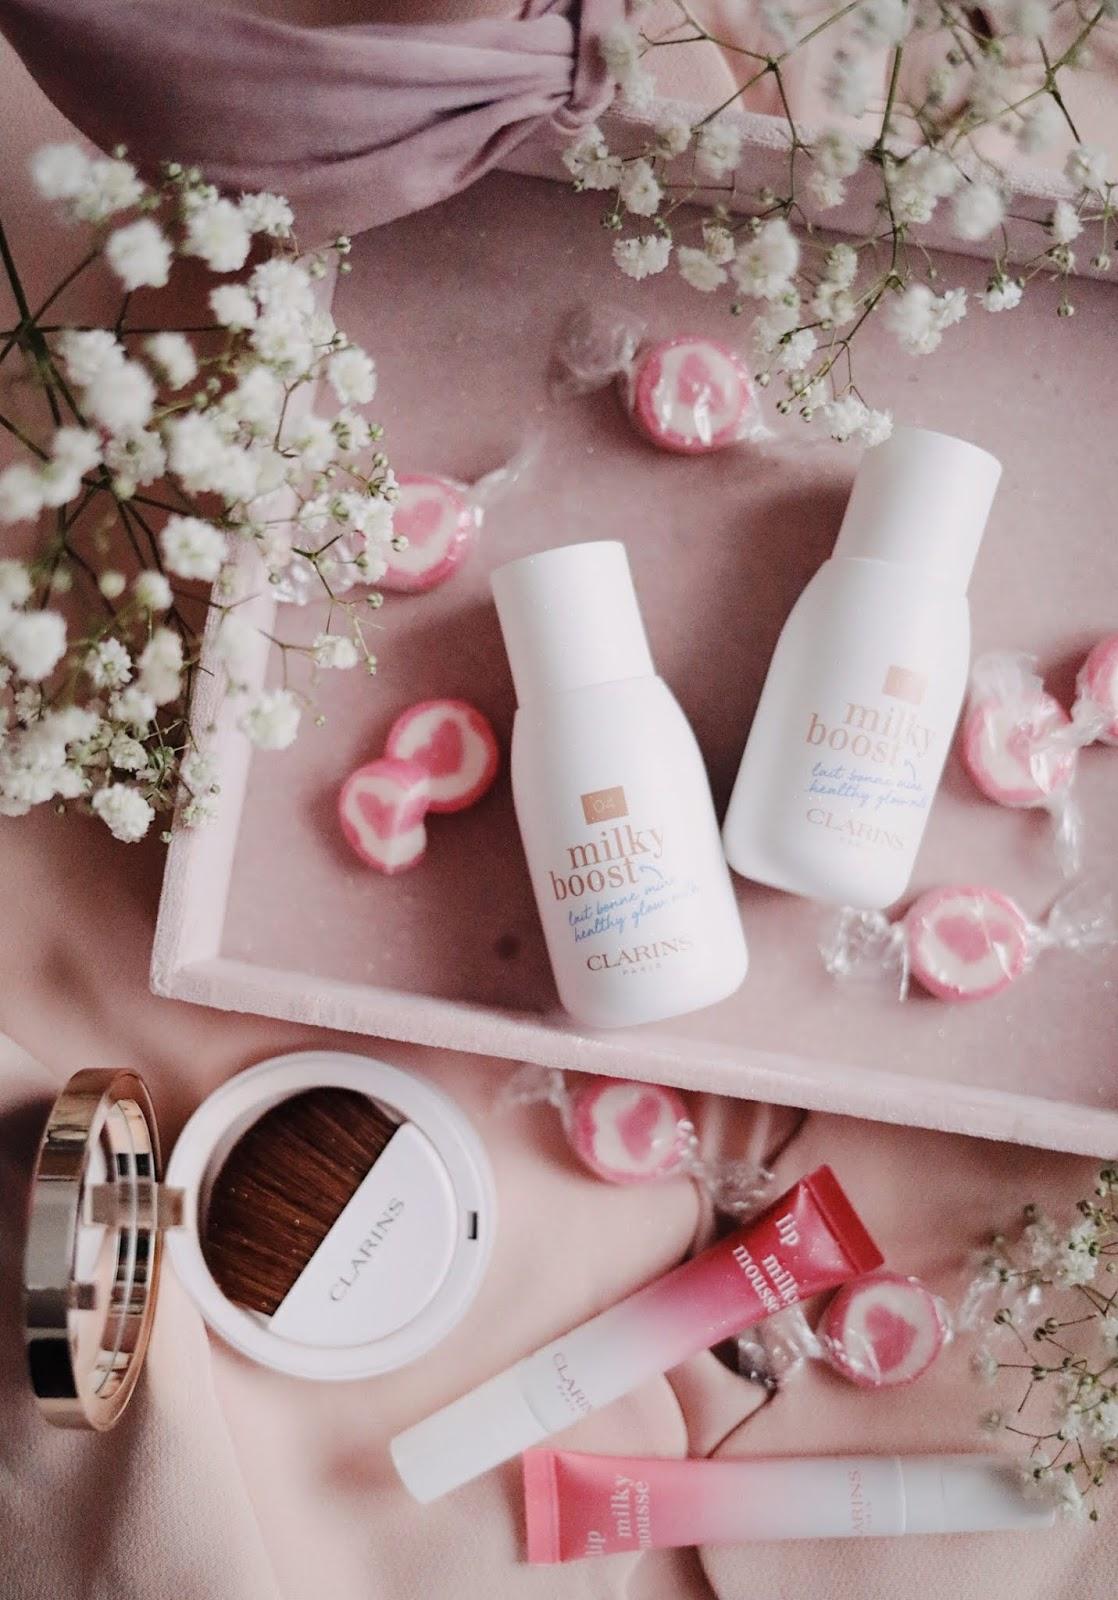 clarins , milky boost , lait maquillant , lait bonne mine , rosemademoiselle , rose mademoiselle, blog beauté, blog beauté à paris,